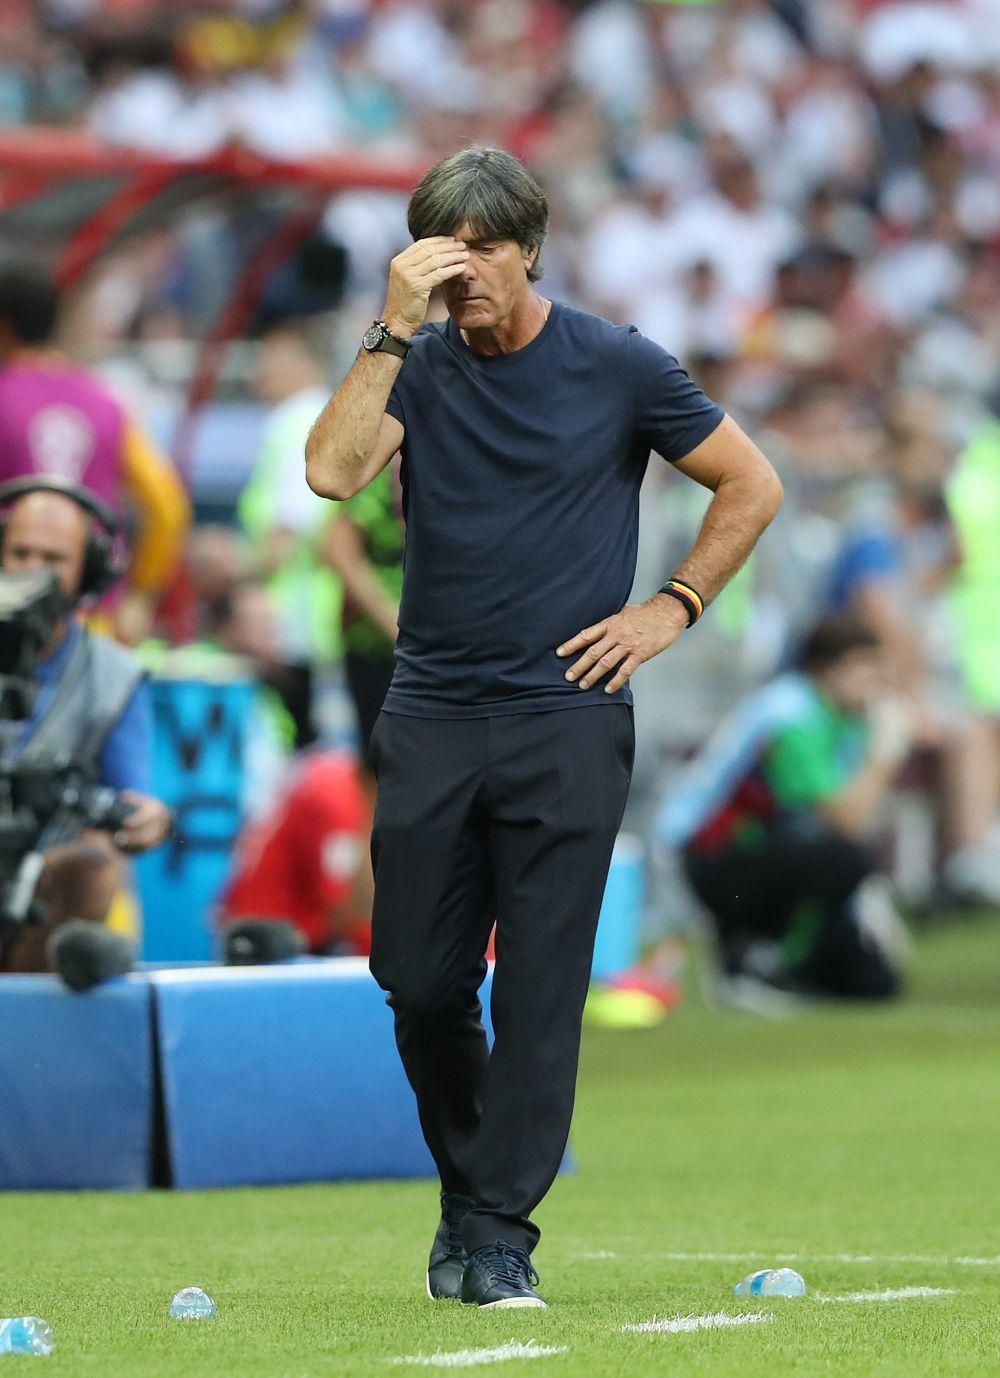 Реакция главного тренера сборной Германии Йоахима Лева.